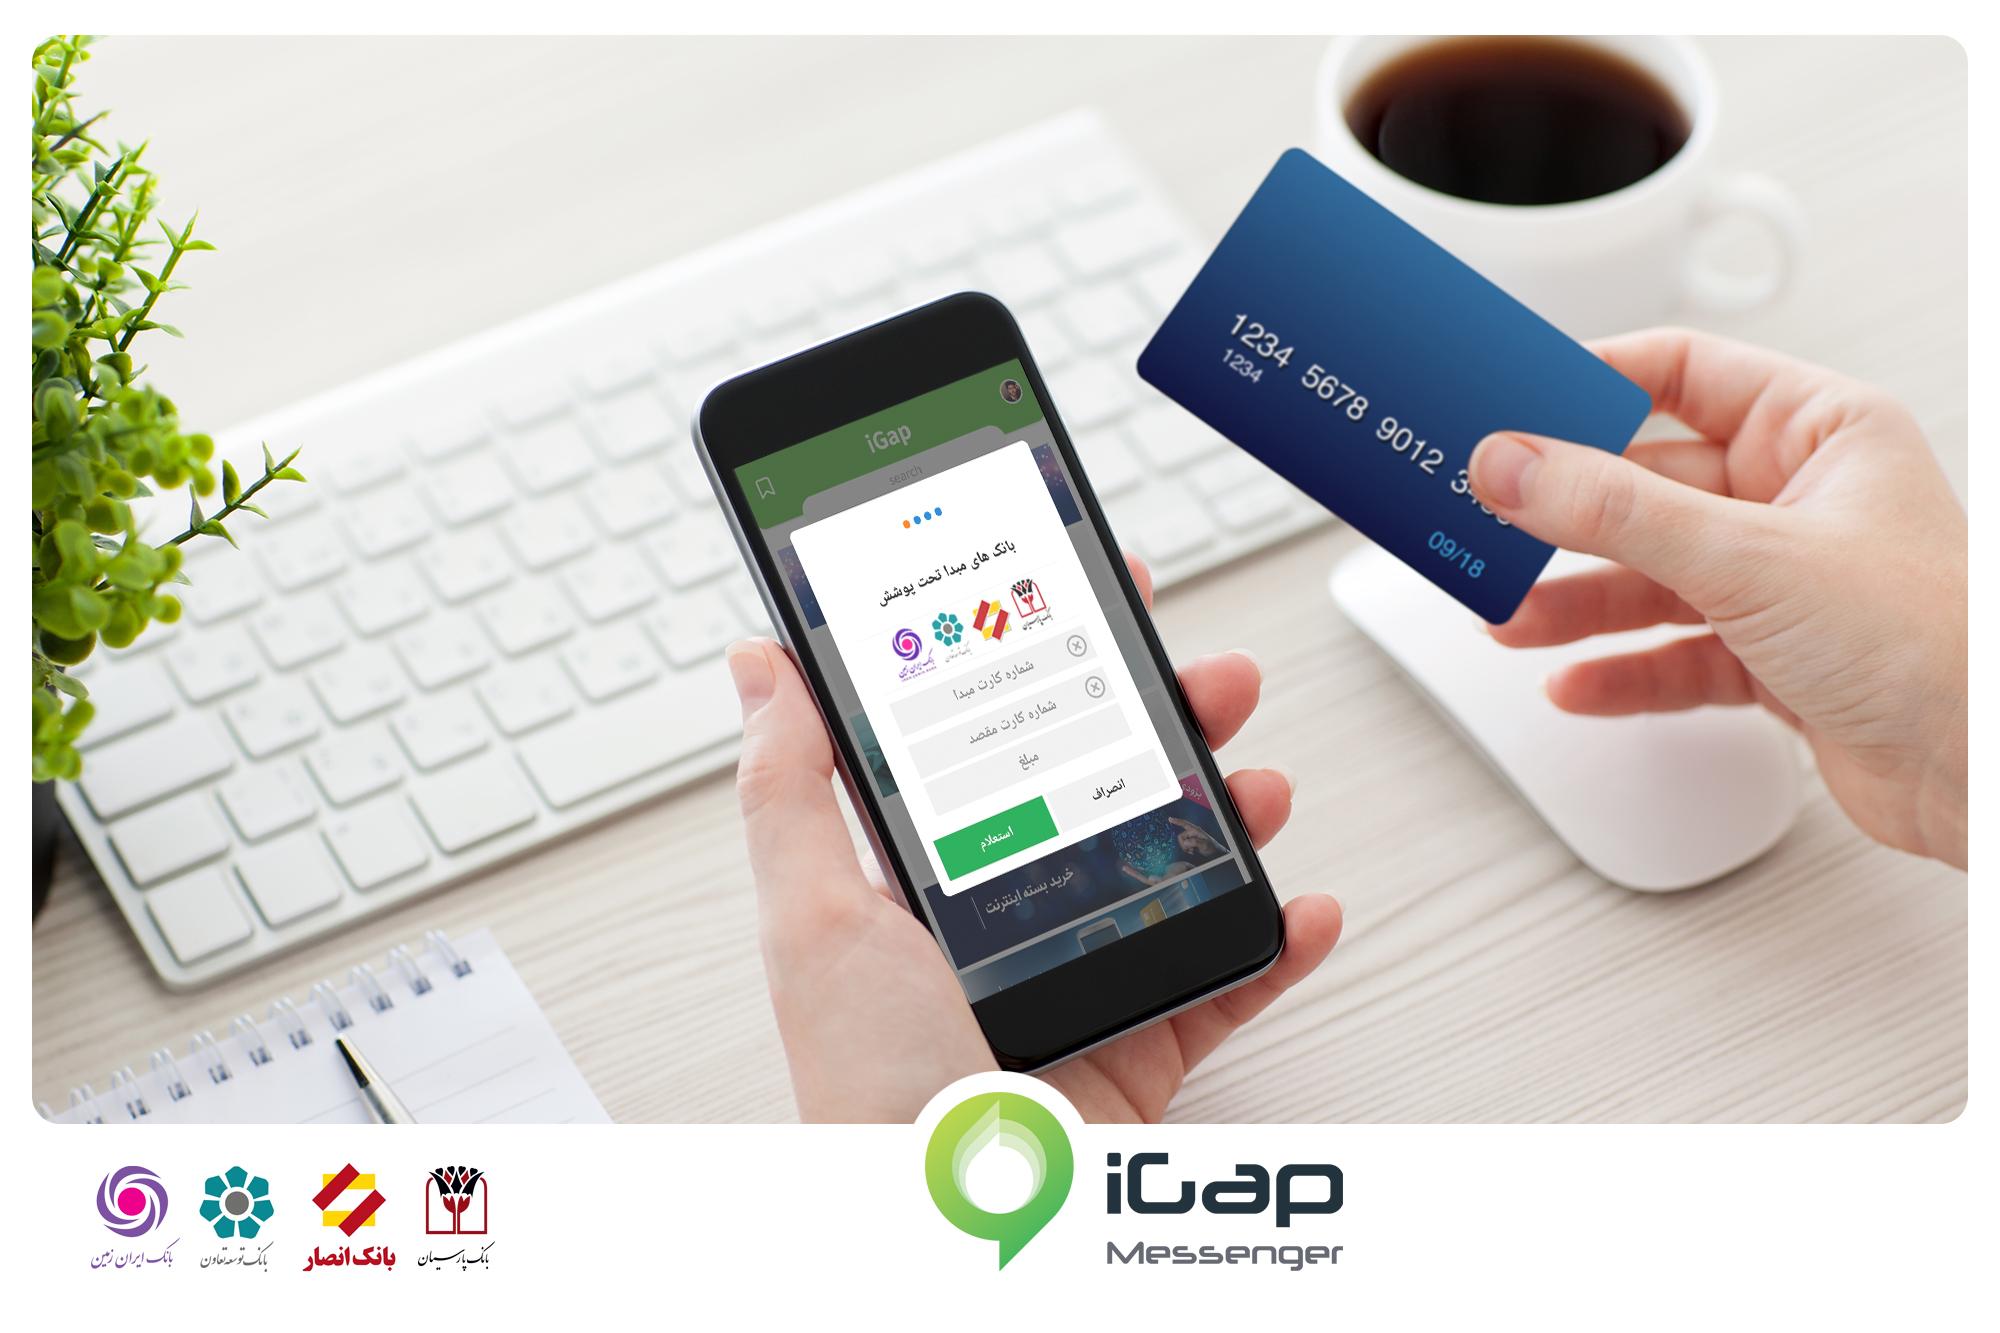 در راستای توسعه خدمات، امکان انتقال وجه کارت به کارت در پیامرسان آیگپ فراهم شد